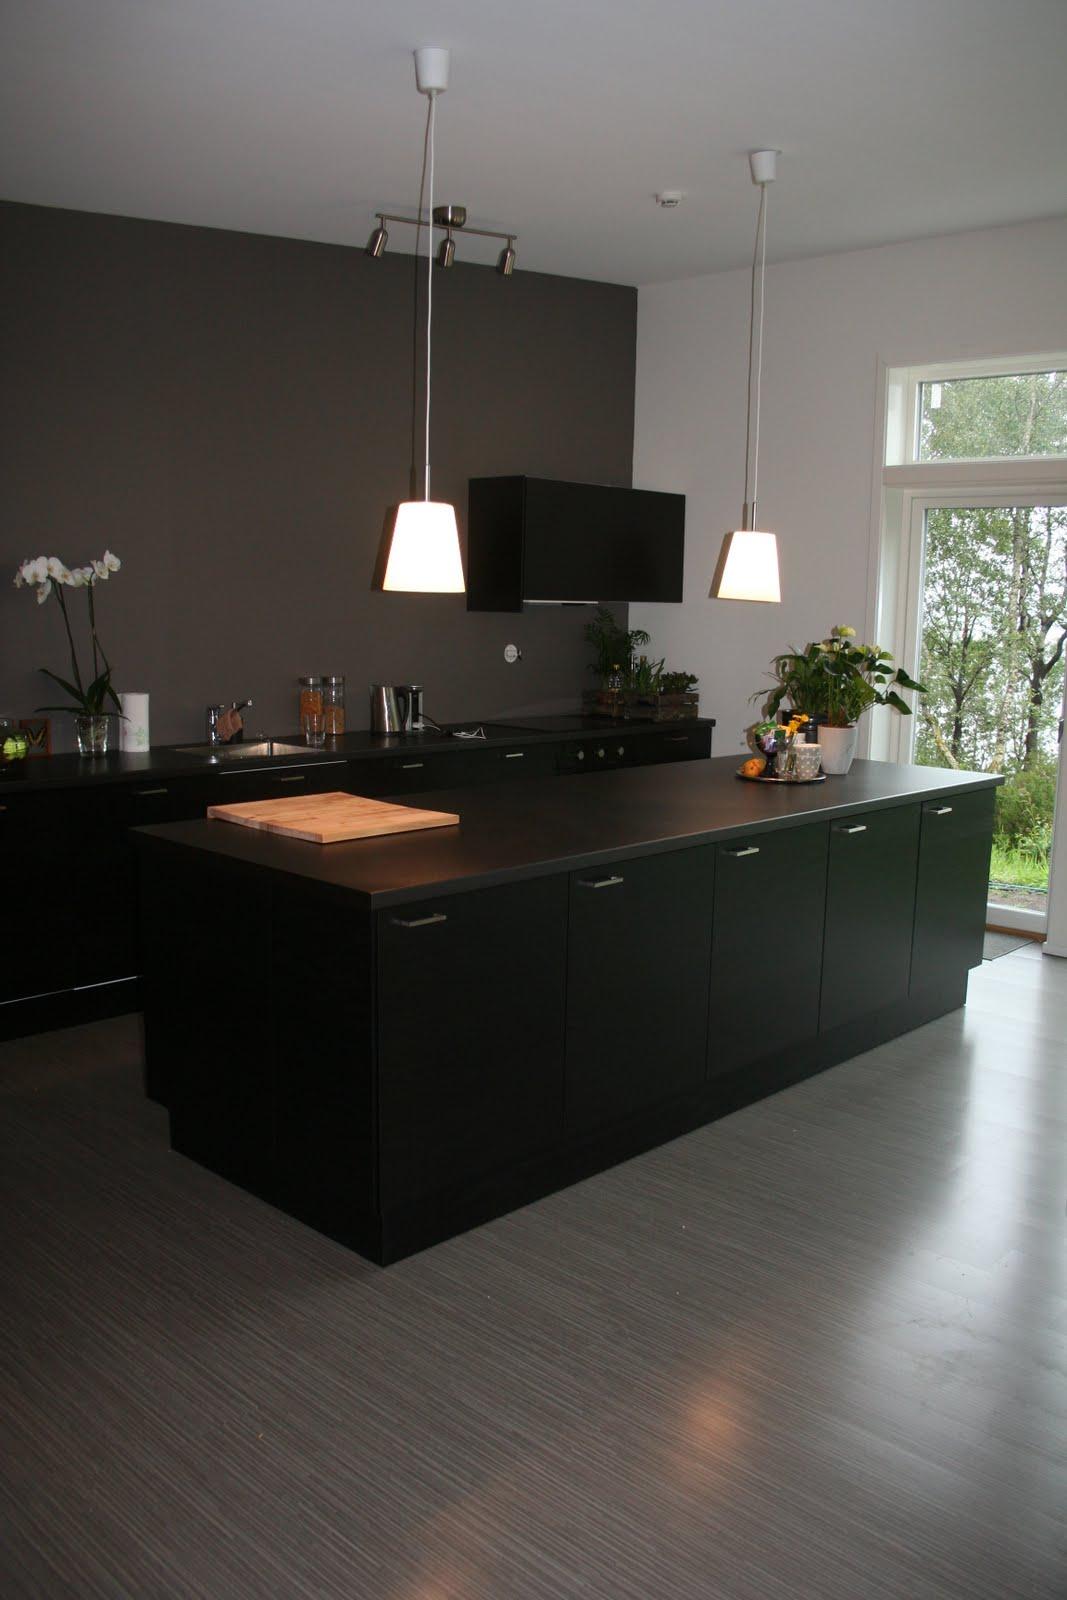 Building a home: Kj?kken, bad og soveromsgang:-)